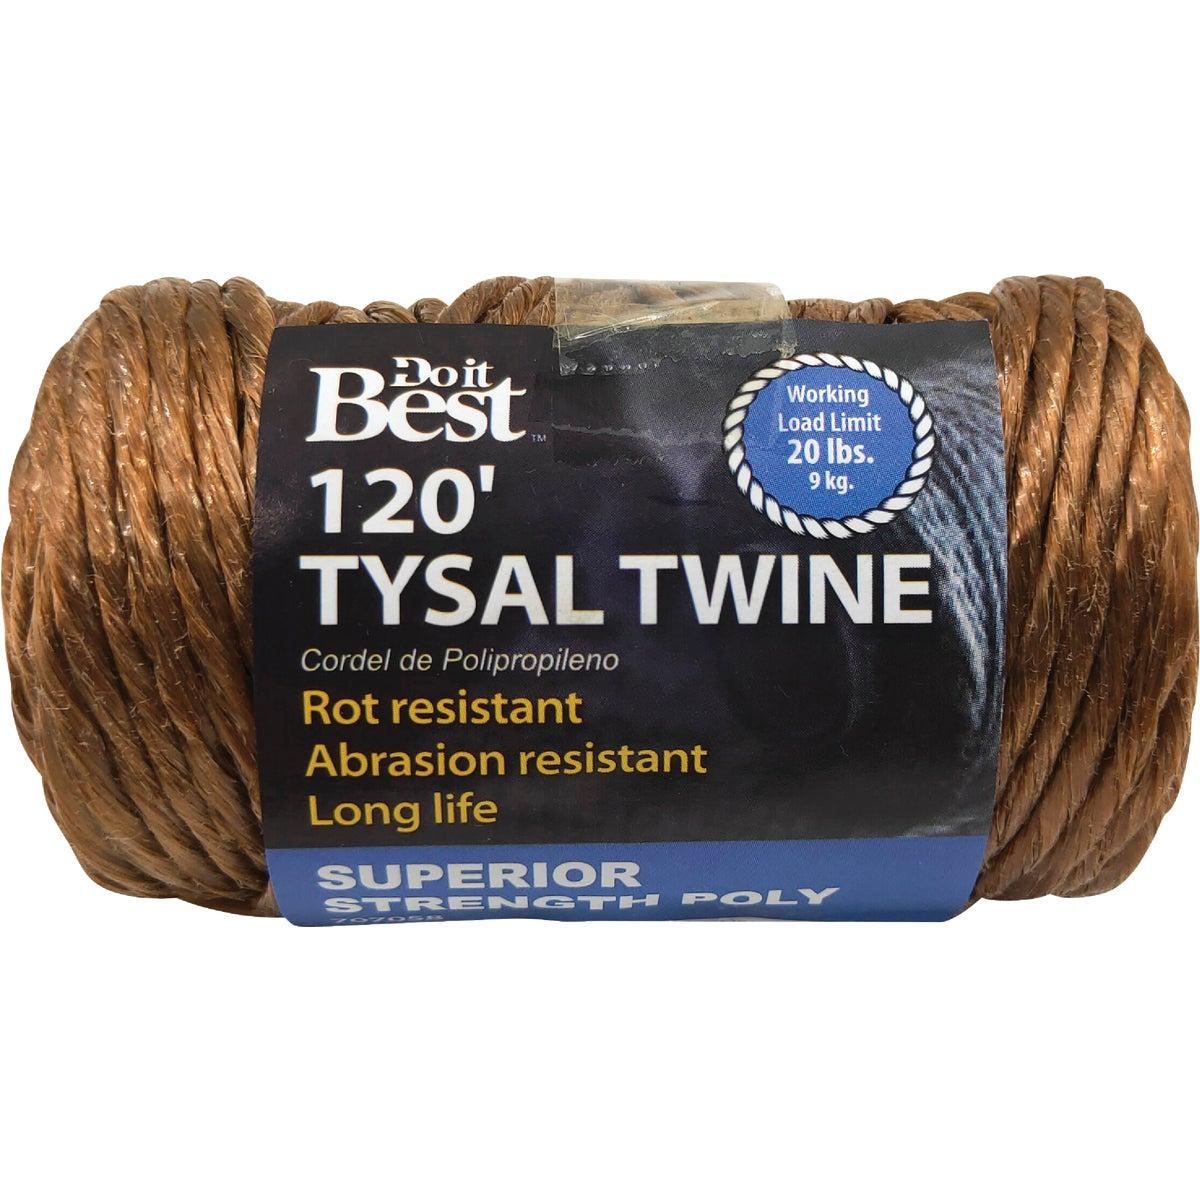 120' POLY TYSAL TWINE